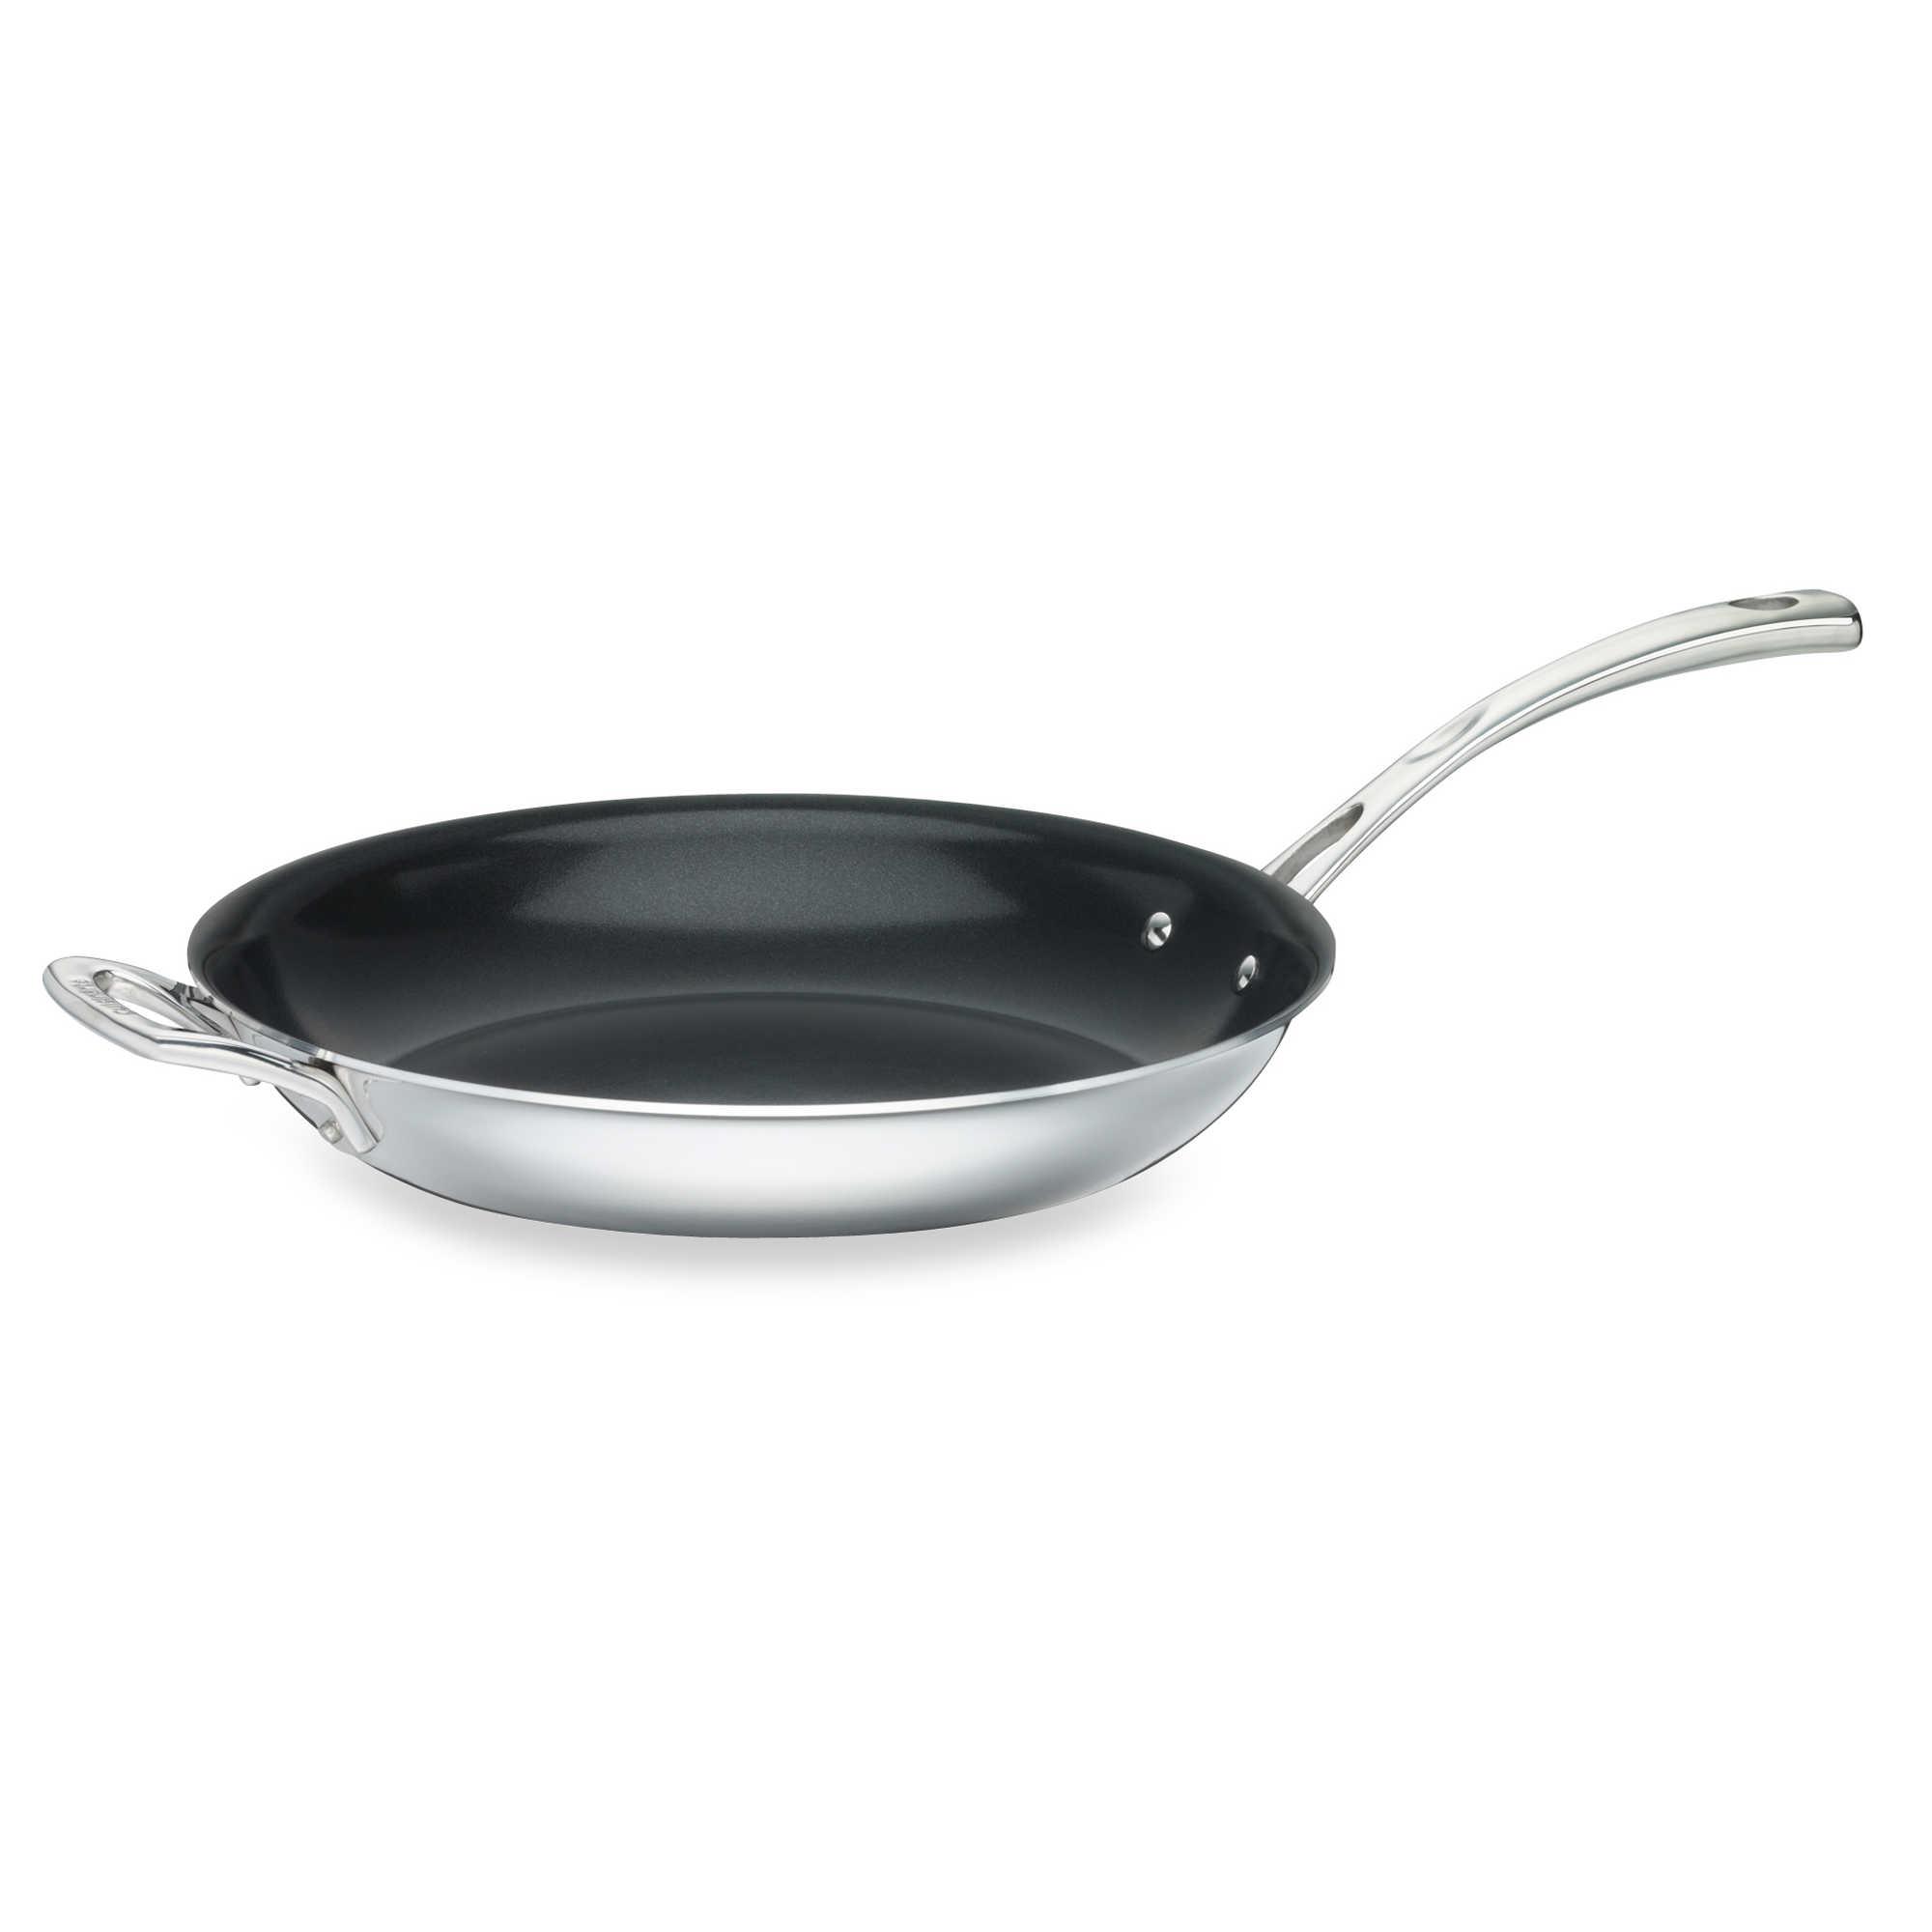 Le Creuset Non Stick Fry Pan Review